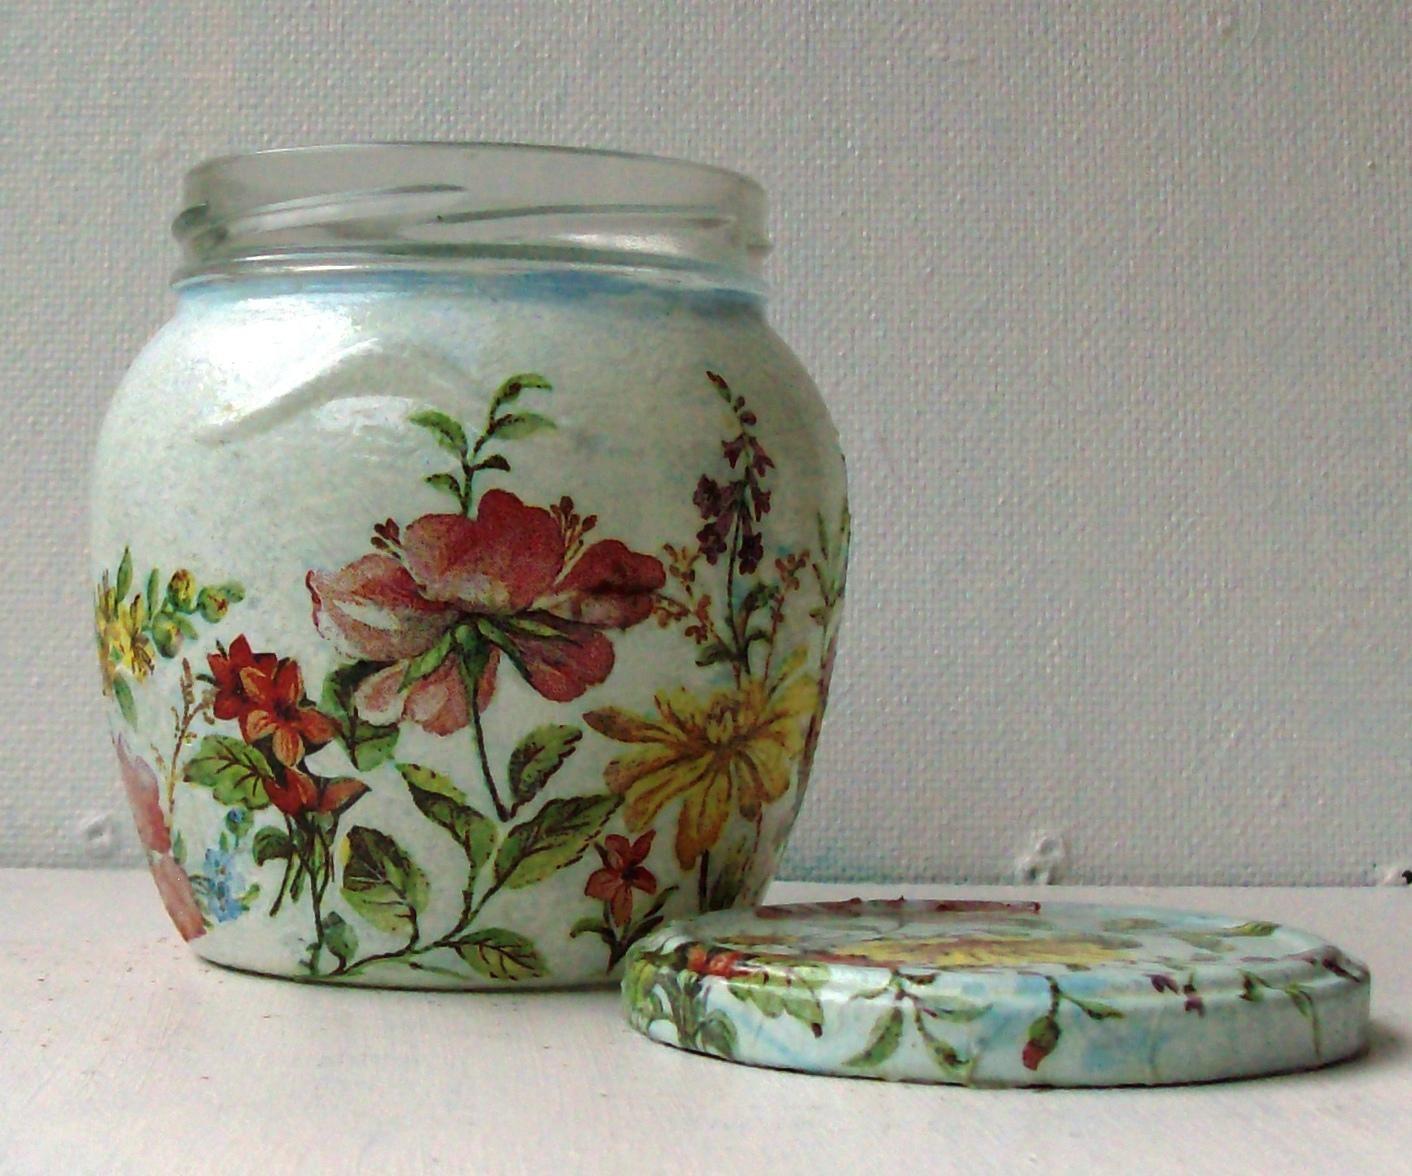 Decorative Jars Фотоальбом Бутылочки Баночки И Всё Что Можногруппы Декупаж В